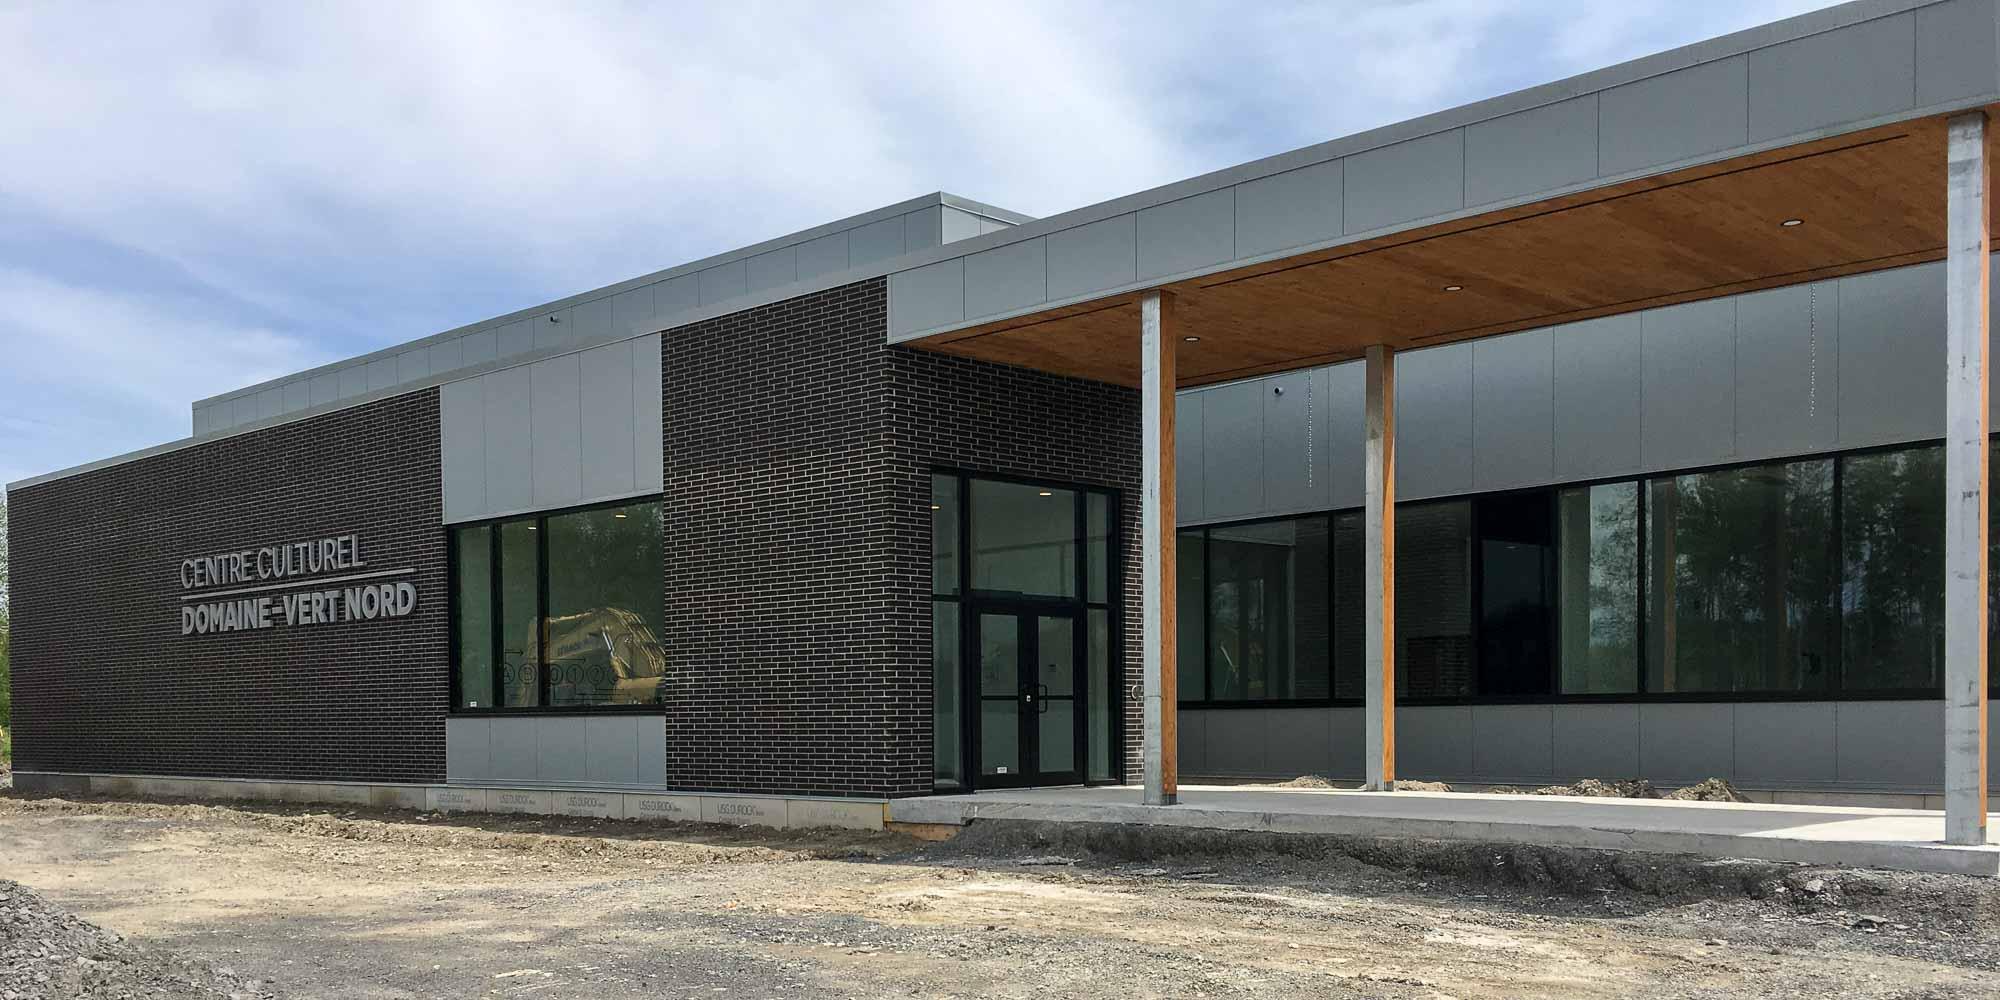 L'édifice a été conçu avec des matériaux écoénergétiques favorisant l'économie d'eau. L'entrée principale sera même dotée d'un toit de verdure.